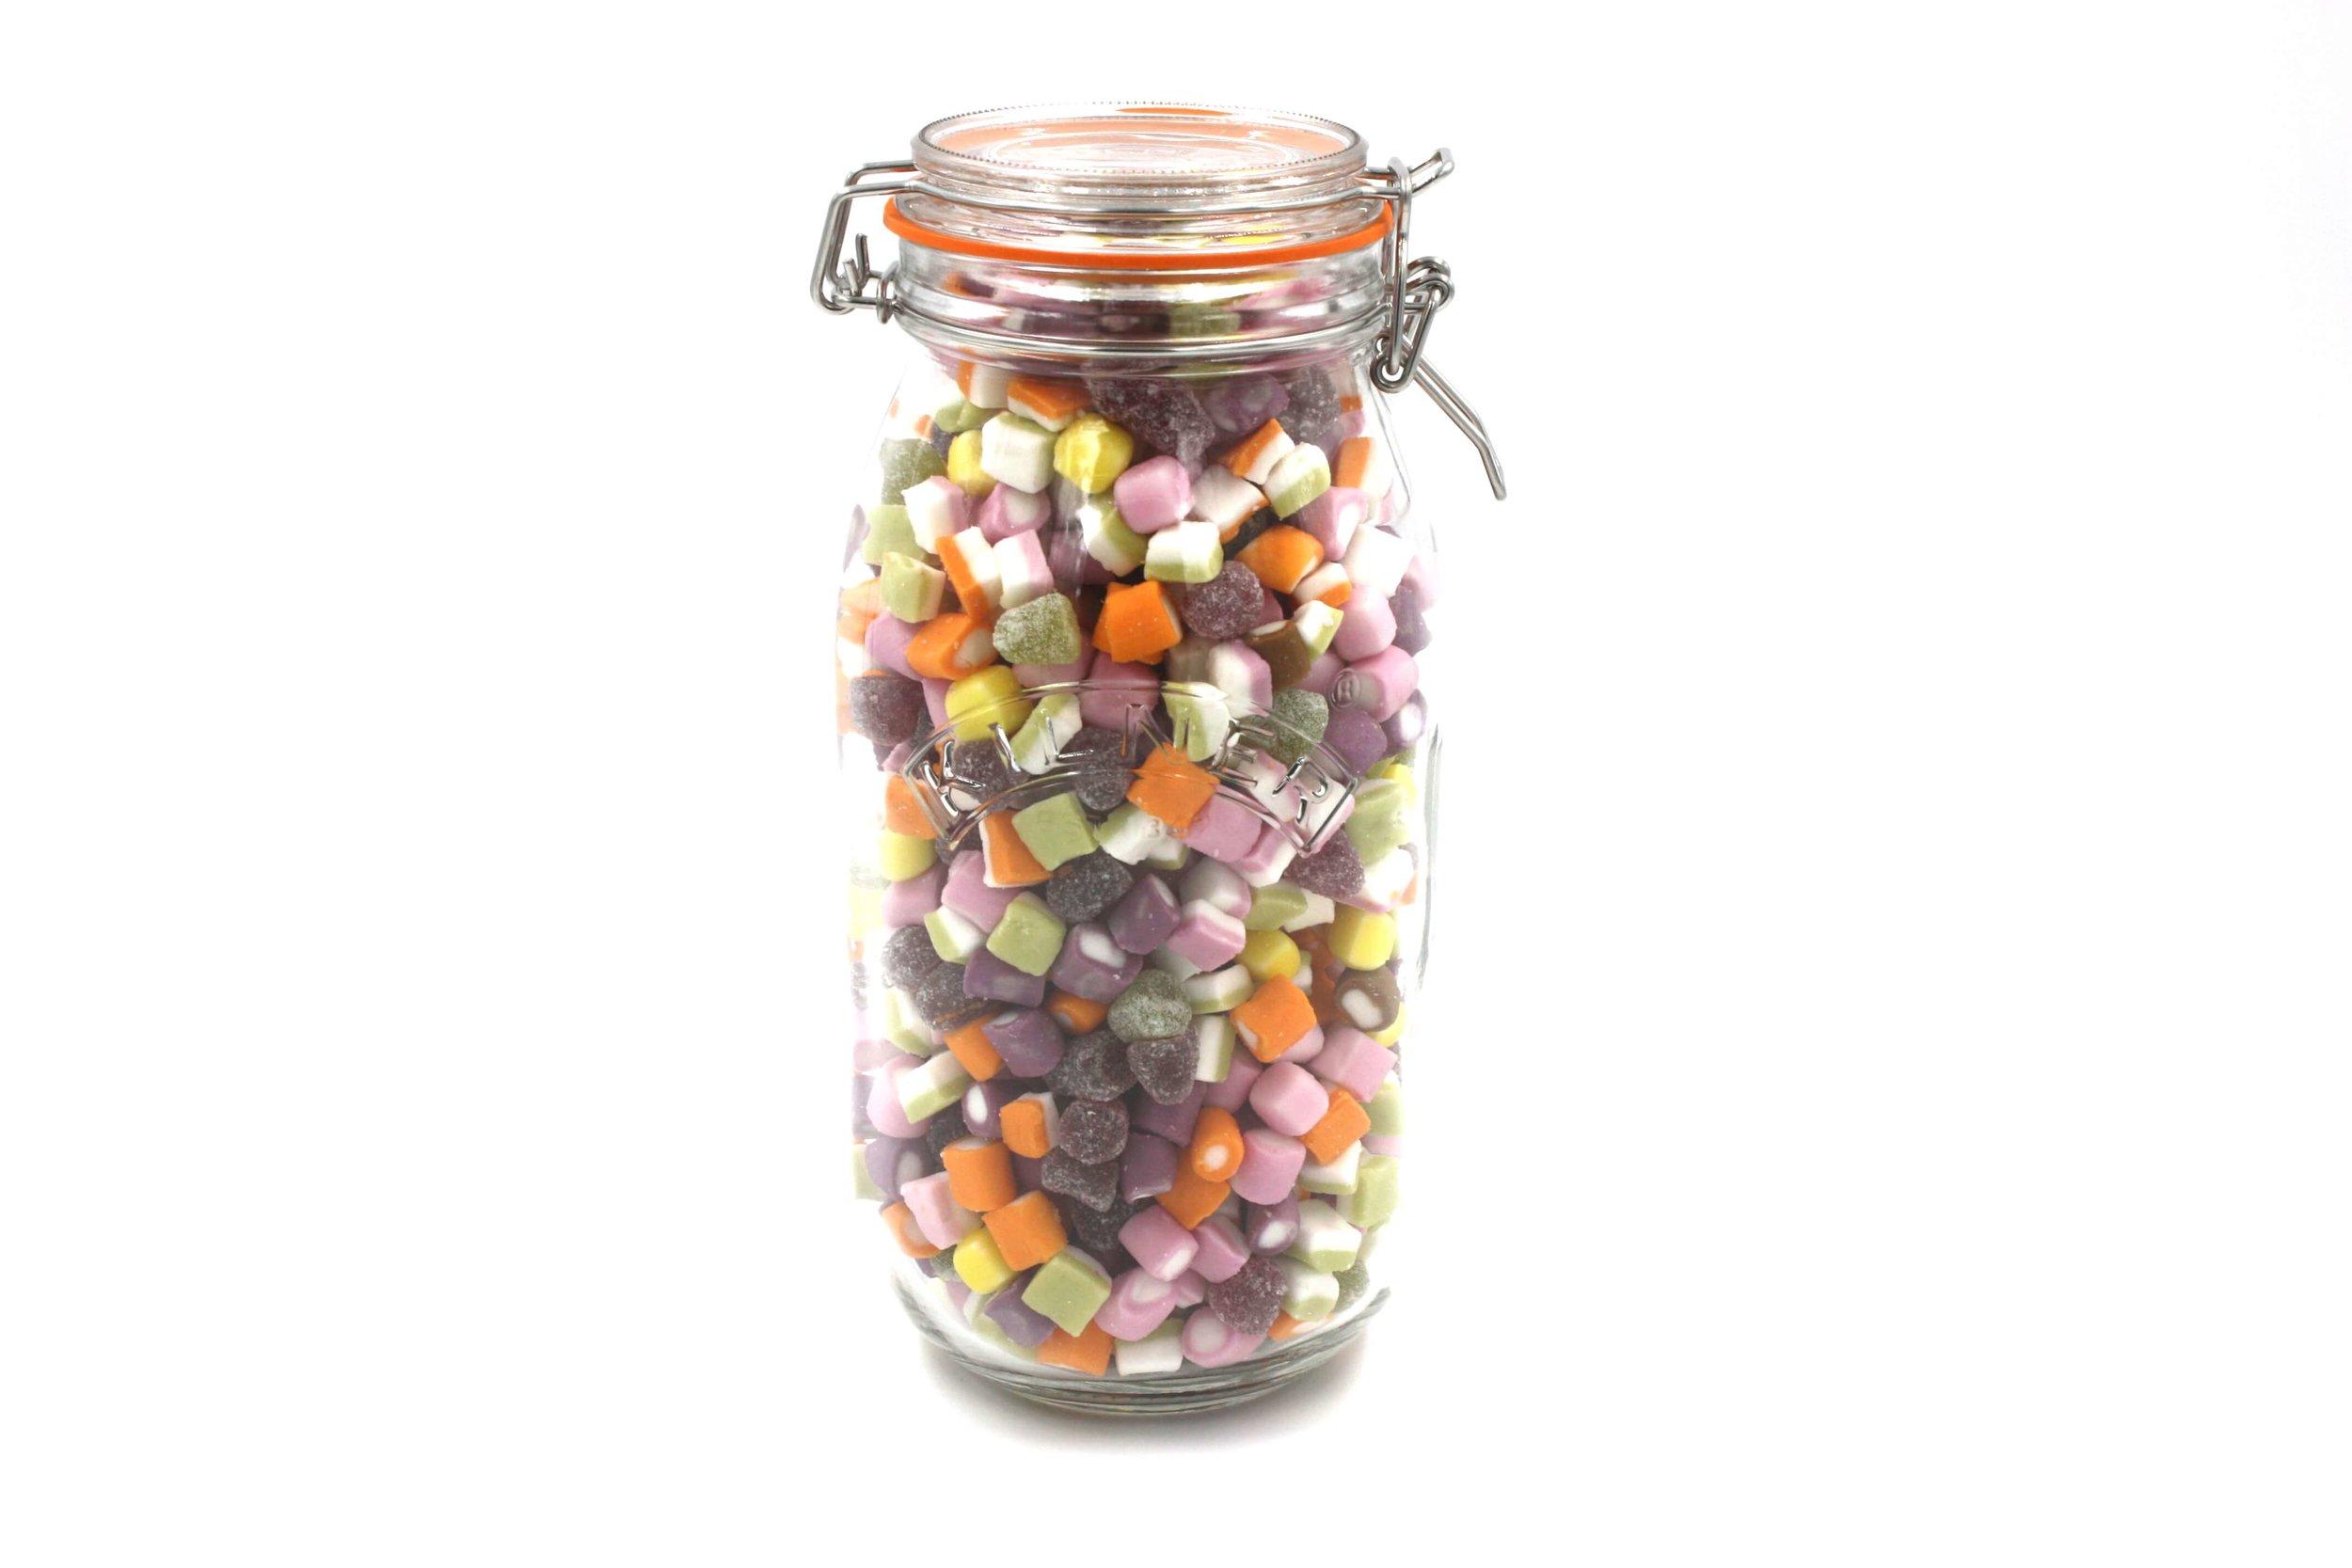 Sweet Jar Blank - Dolly Mixtures copy.JPG